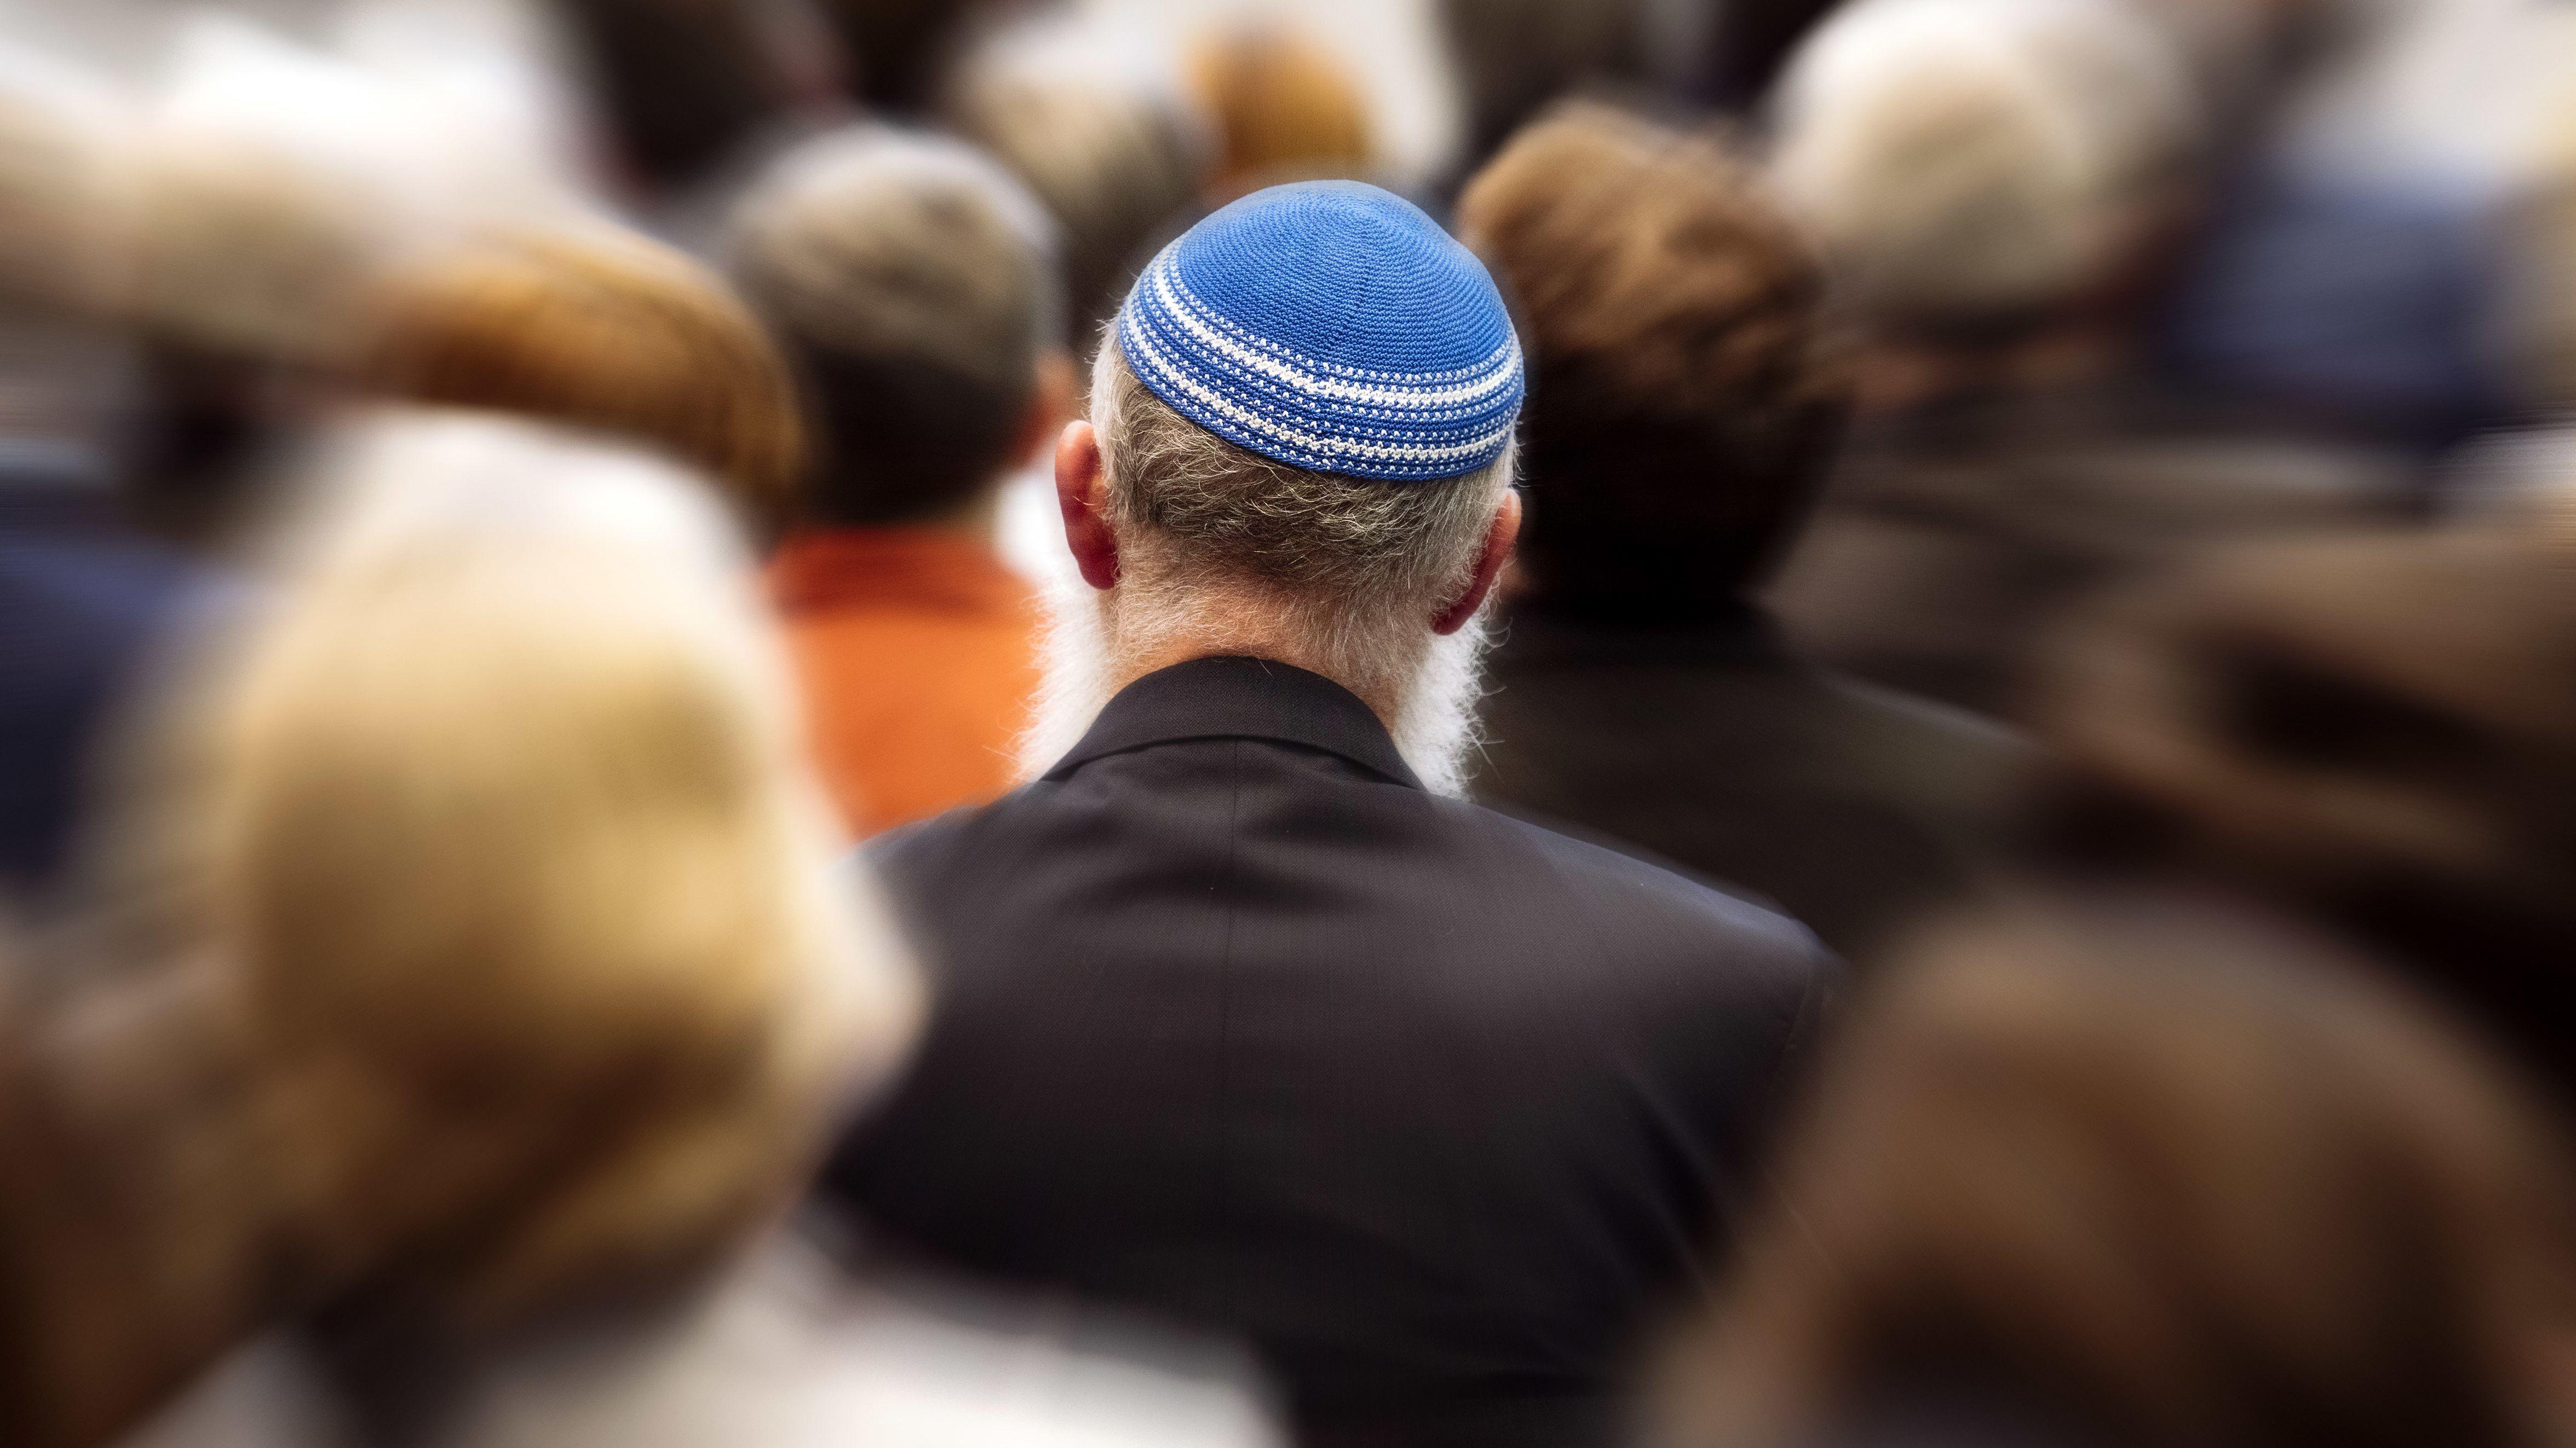 Politiker und Personen des öffentlichen Lebens verurteilten den Angriff in München auf einen Rabbiner und seine beiden Söhne scharf.